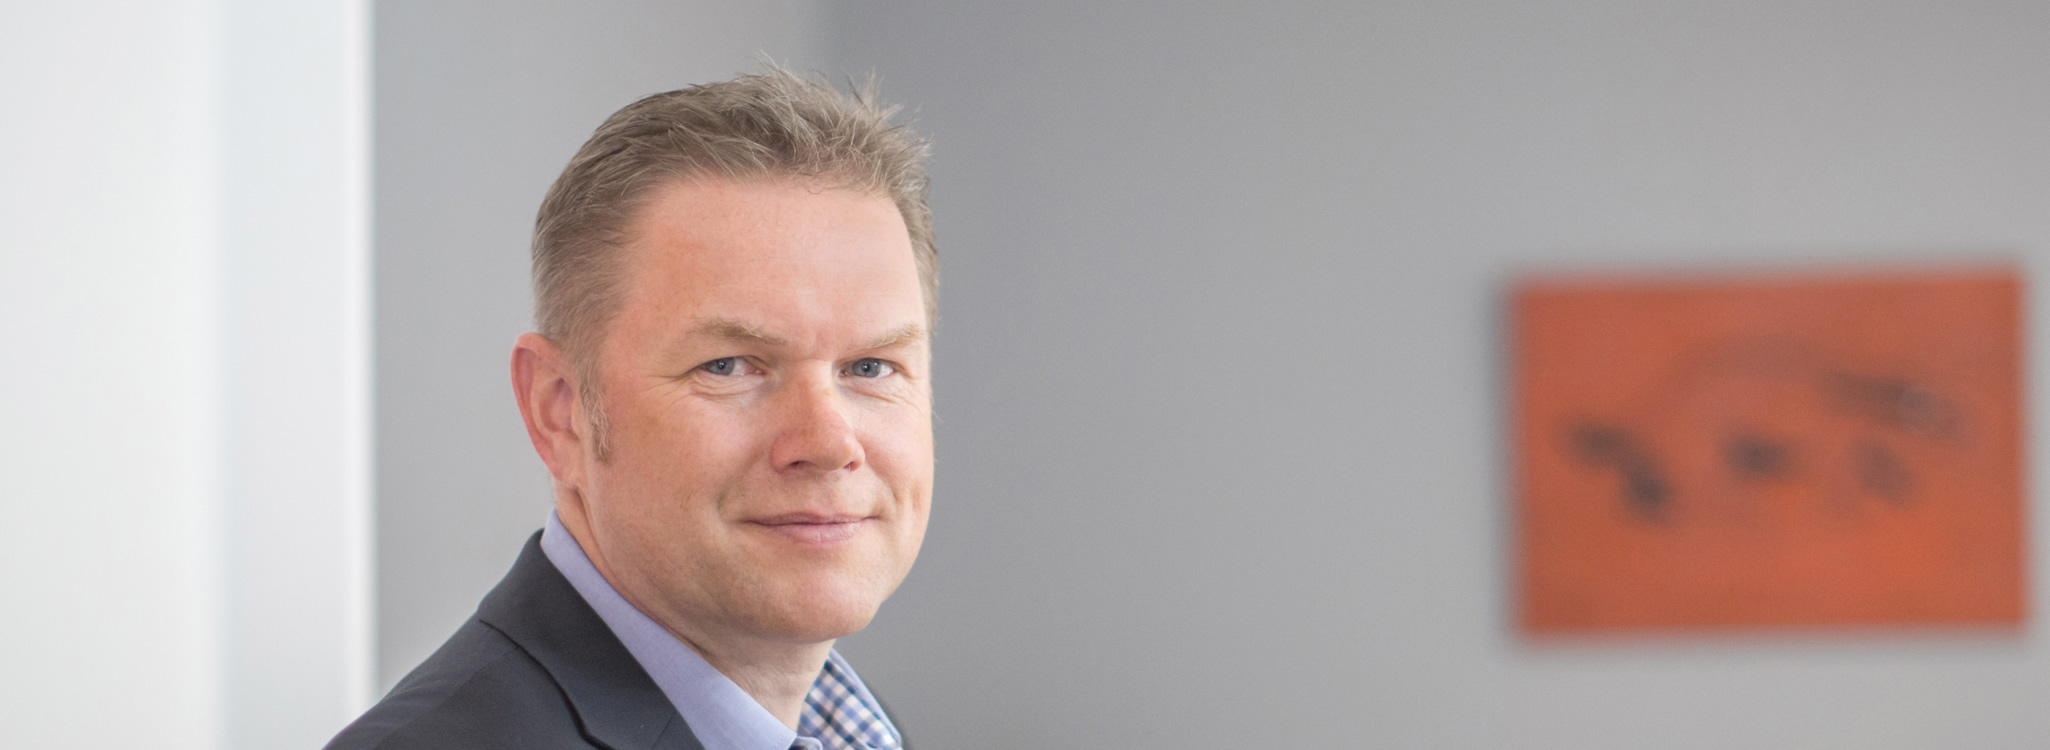 Markus Sack - Leistungen